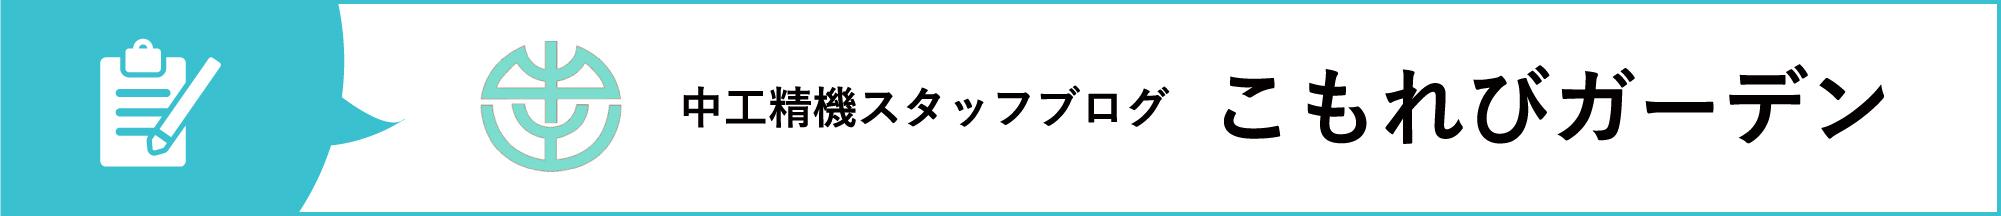 中工精機スタッフブログ こもれびガーデン